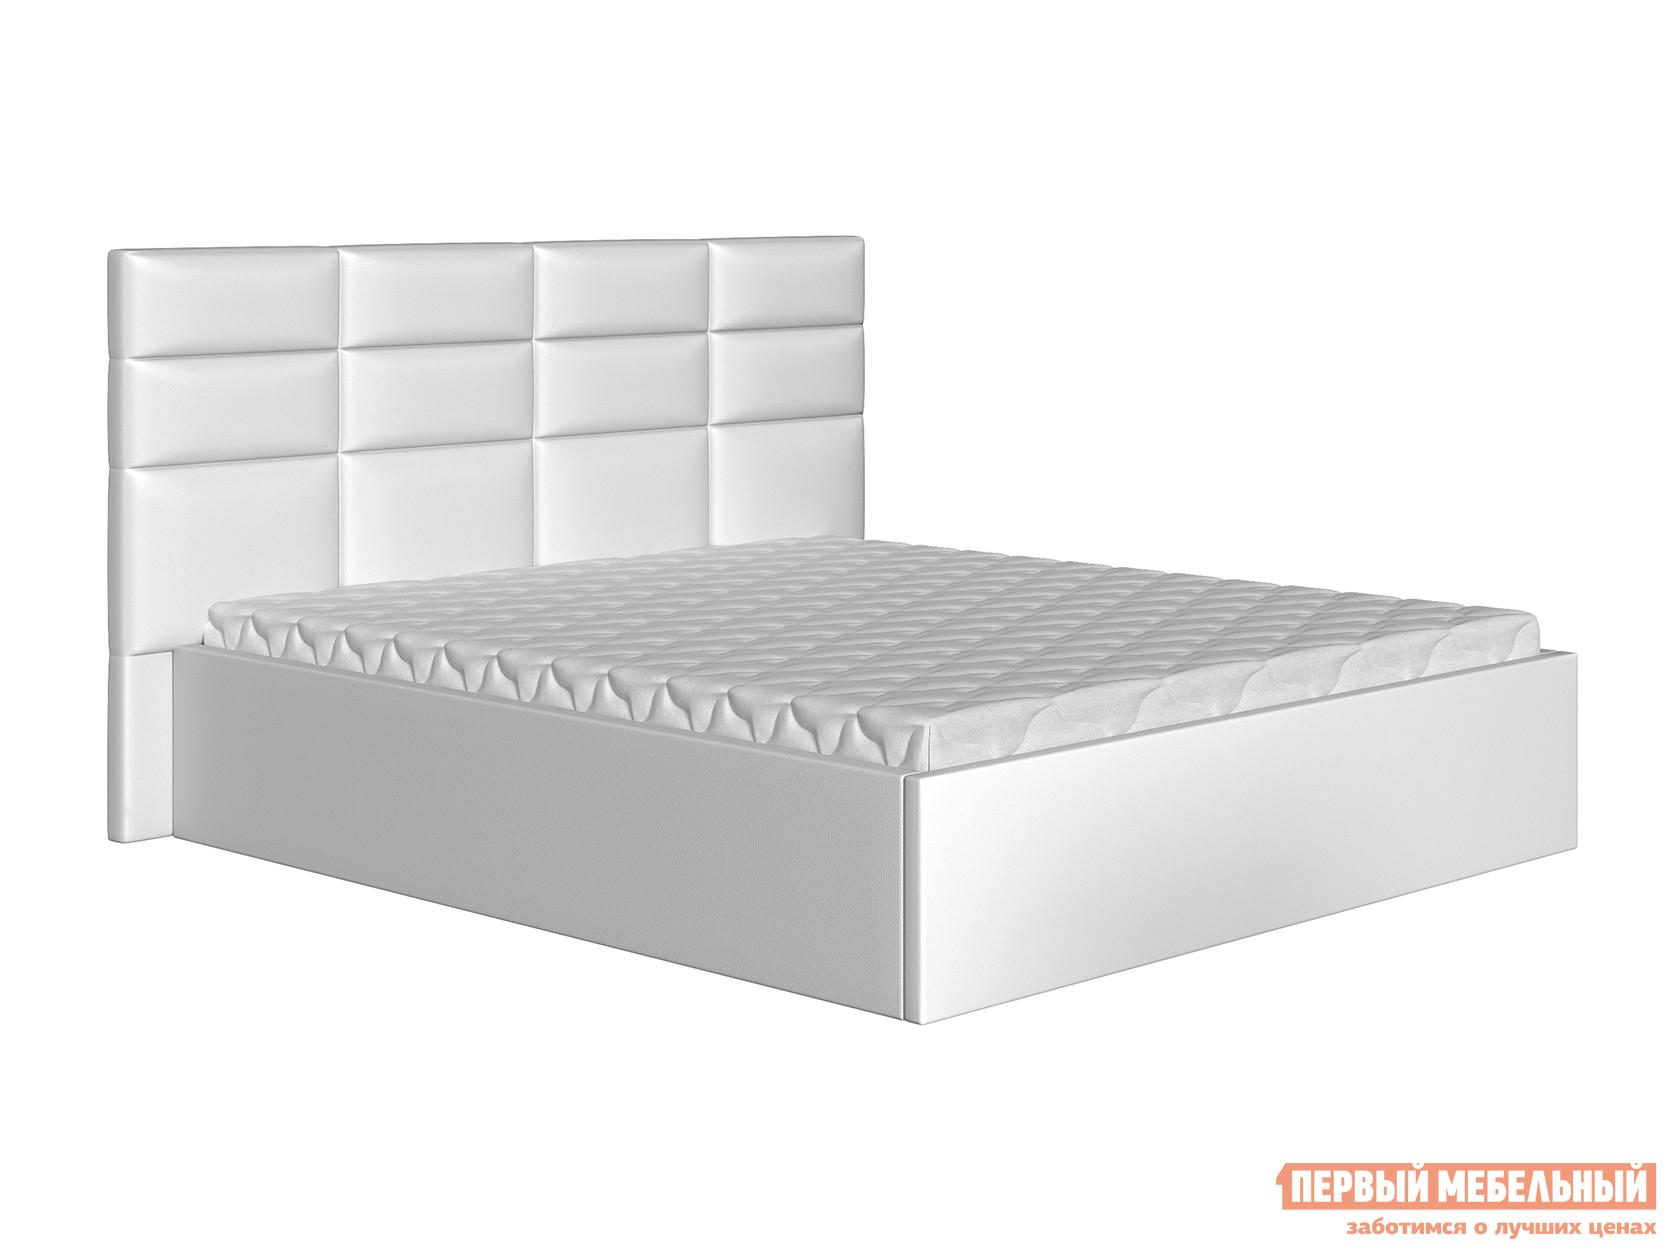 Двуспальная кровать  Кровать Коста Белый, экокожа, 180х200